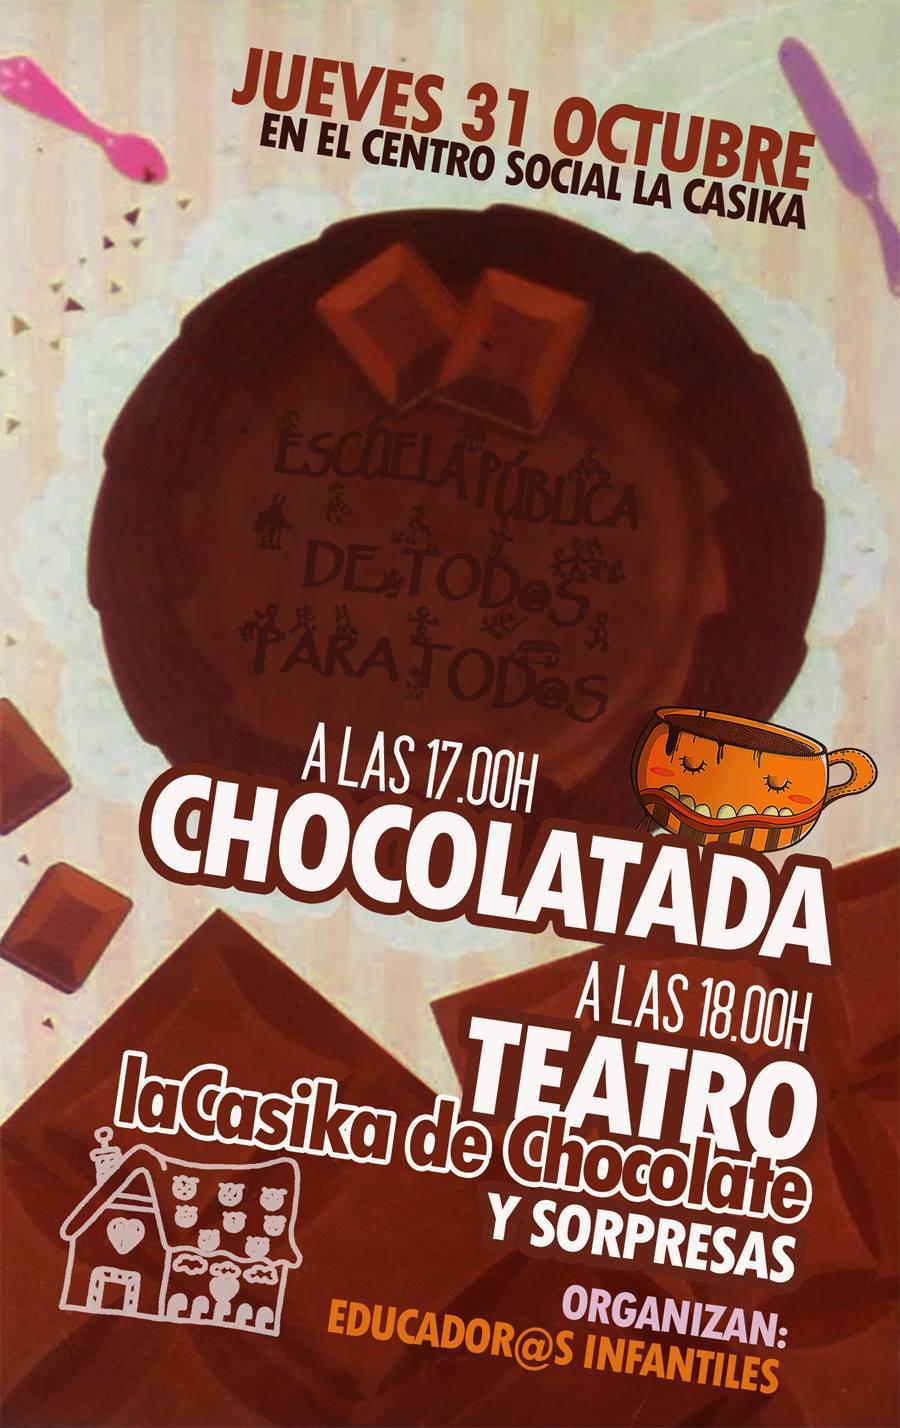 Chocolatada y teatro: La Casika de Chocolate - jueves 31 a partir de las 17h en laCasika Mostoles